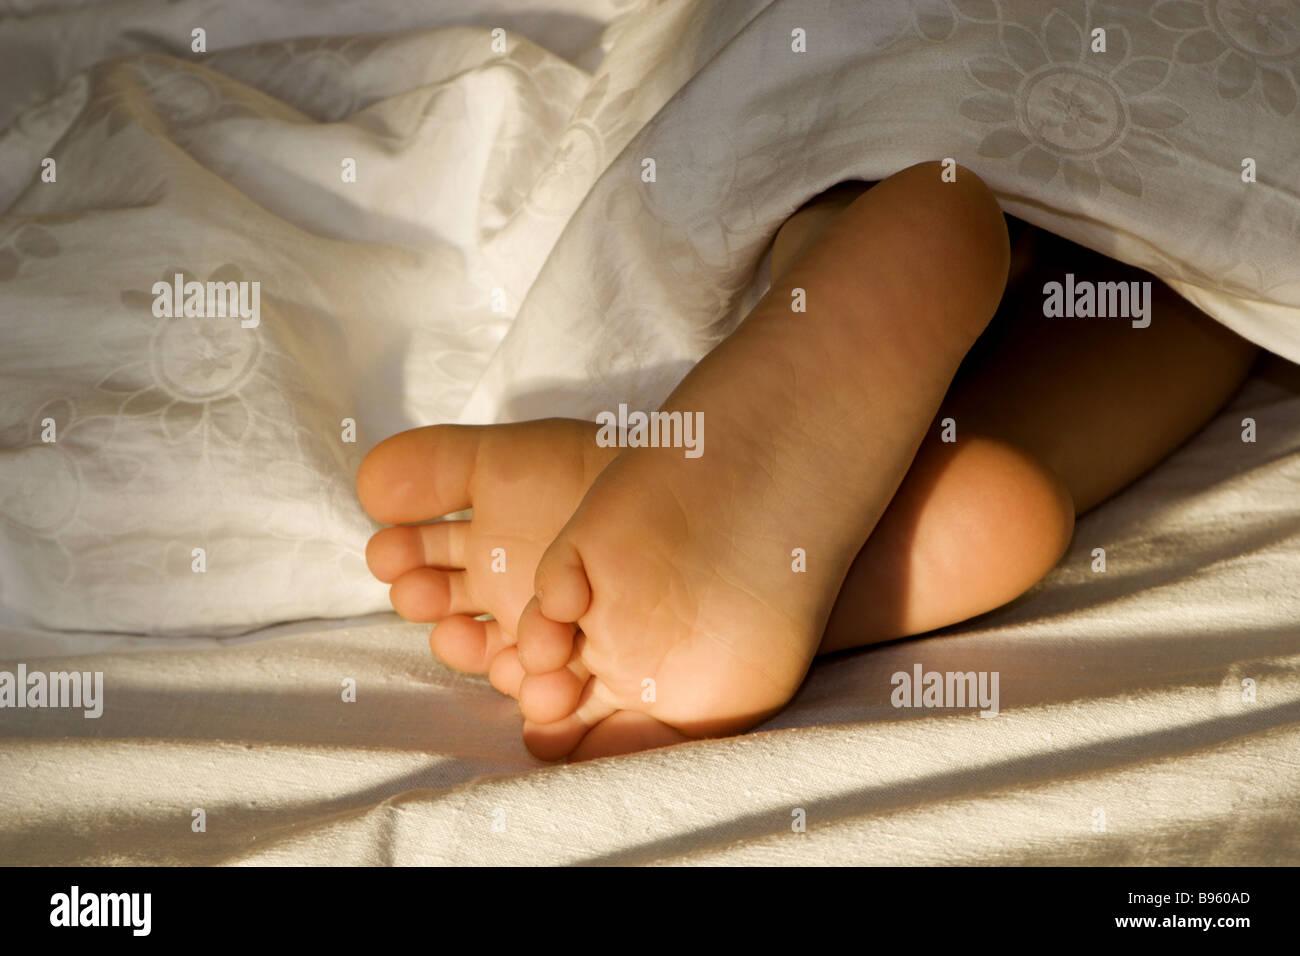 Pieds d'enfant dans le lit - matin Photo Stock